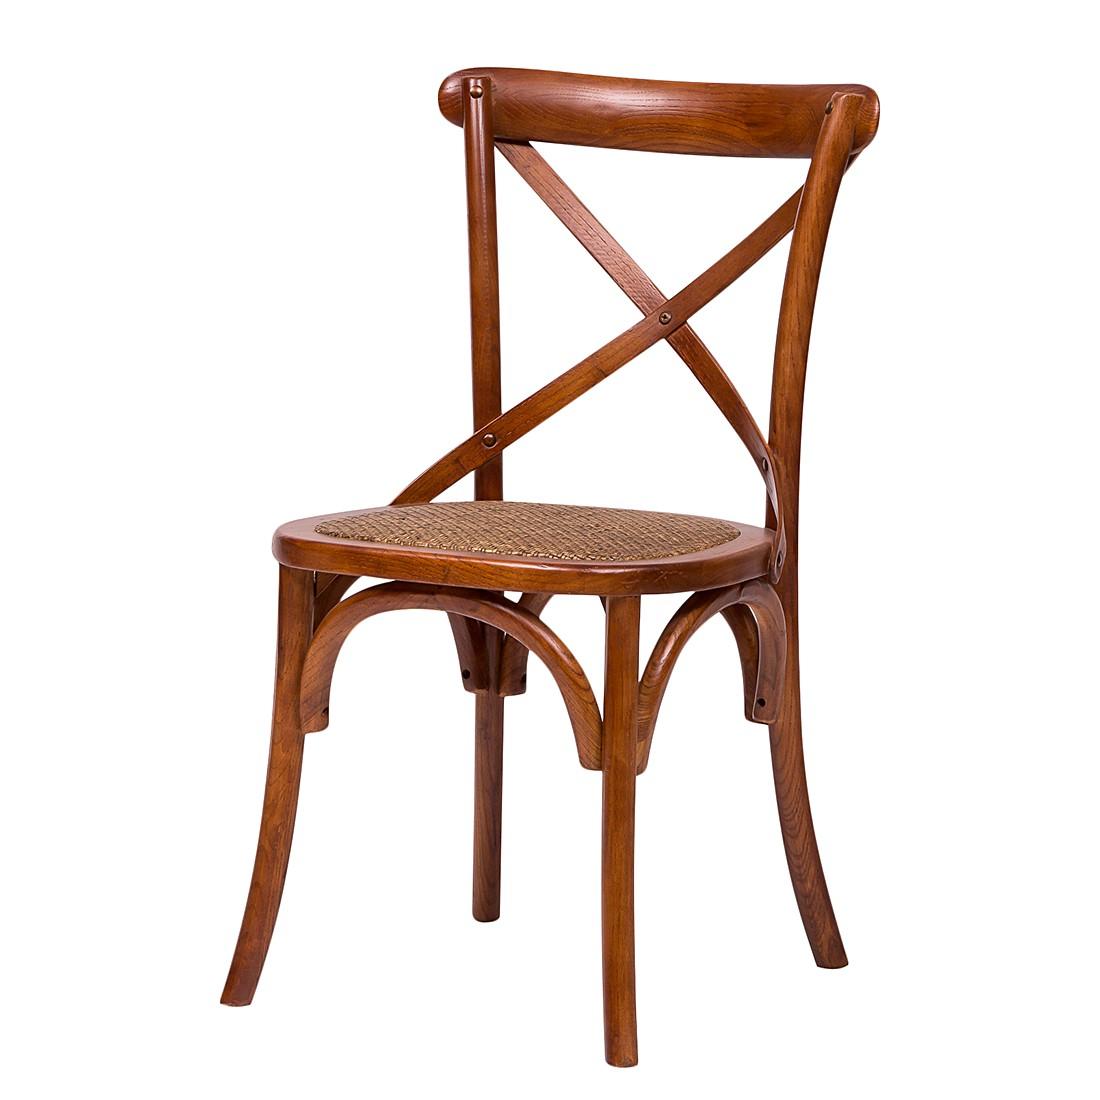 Meubles salle manger chaises de salle manger le for Chaise de salle a manger livraison gratuite